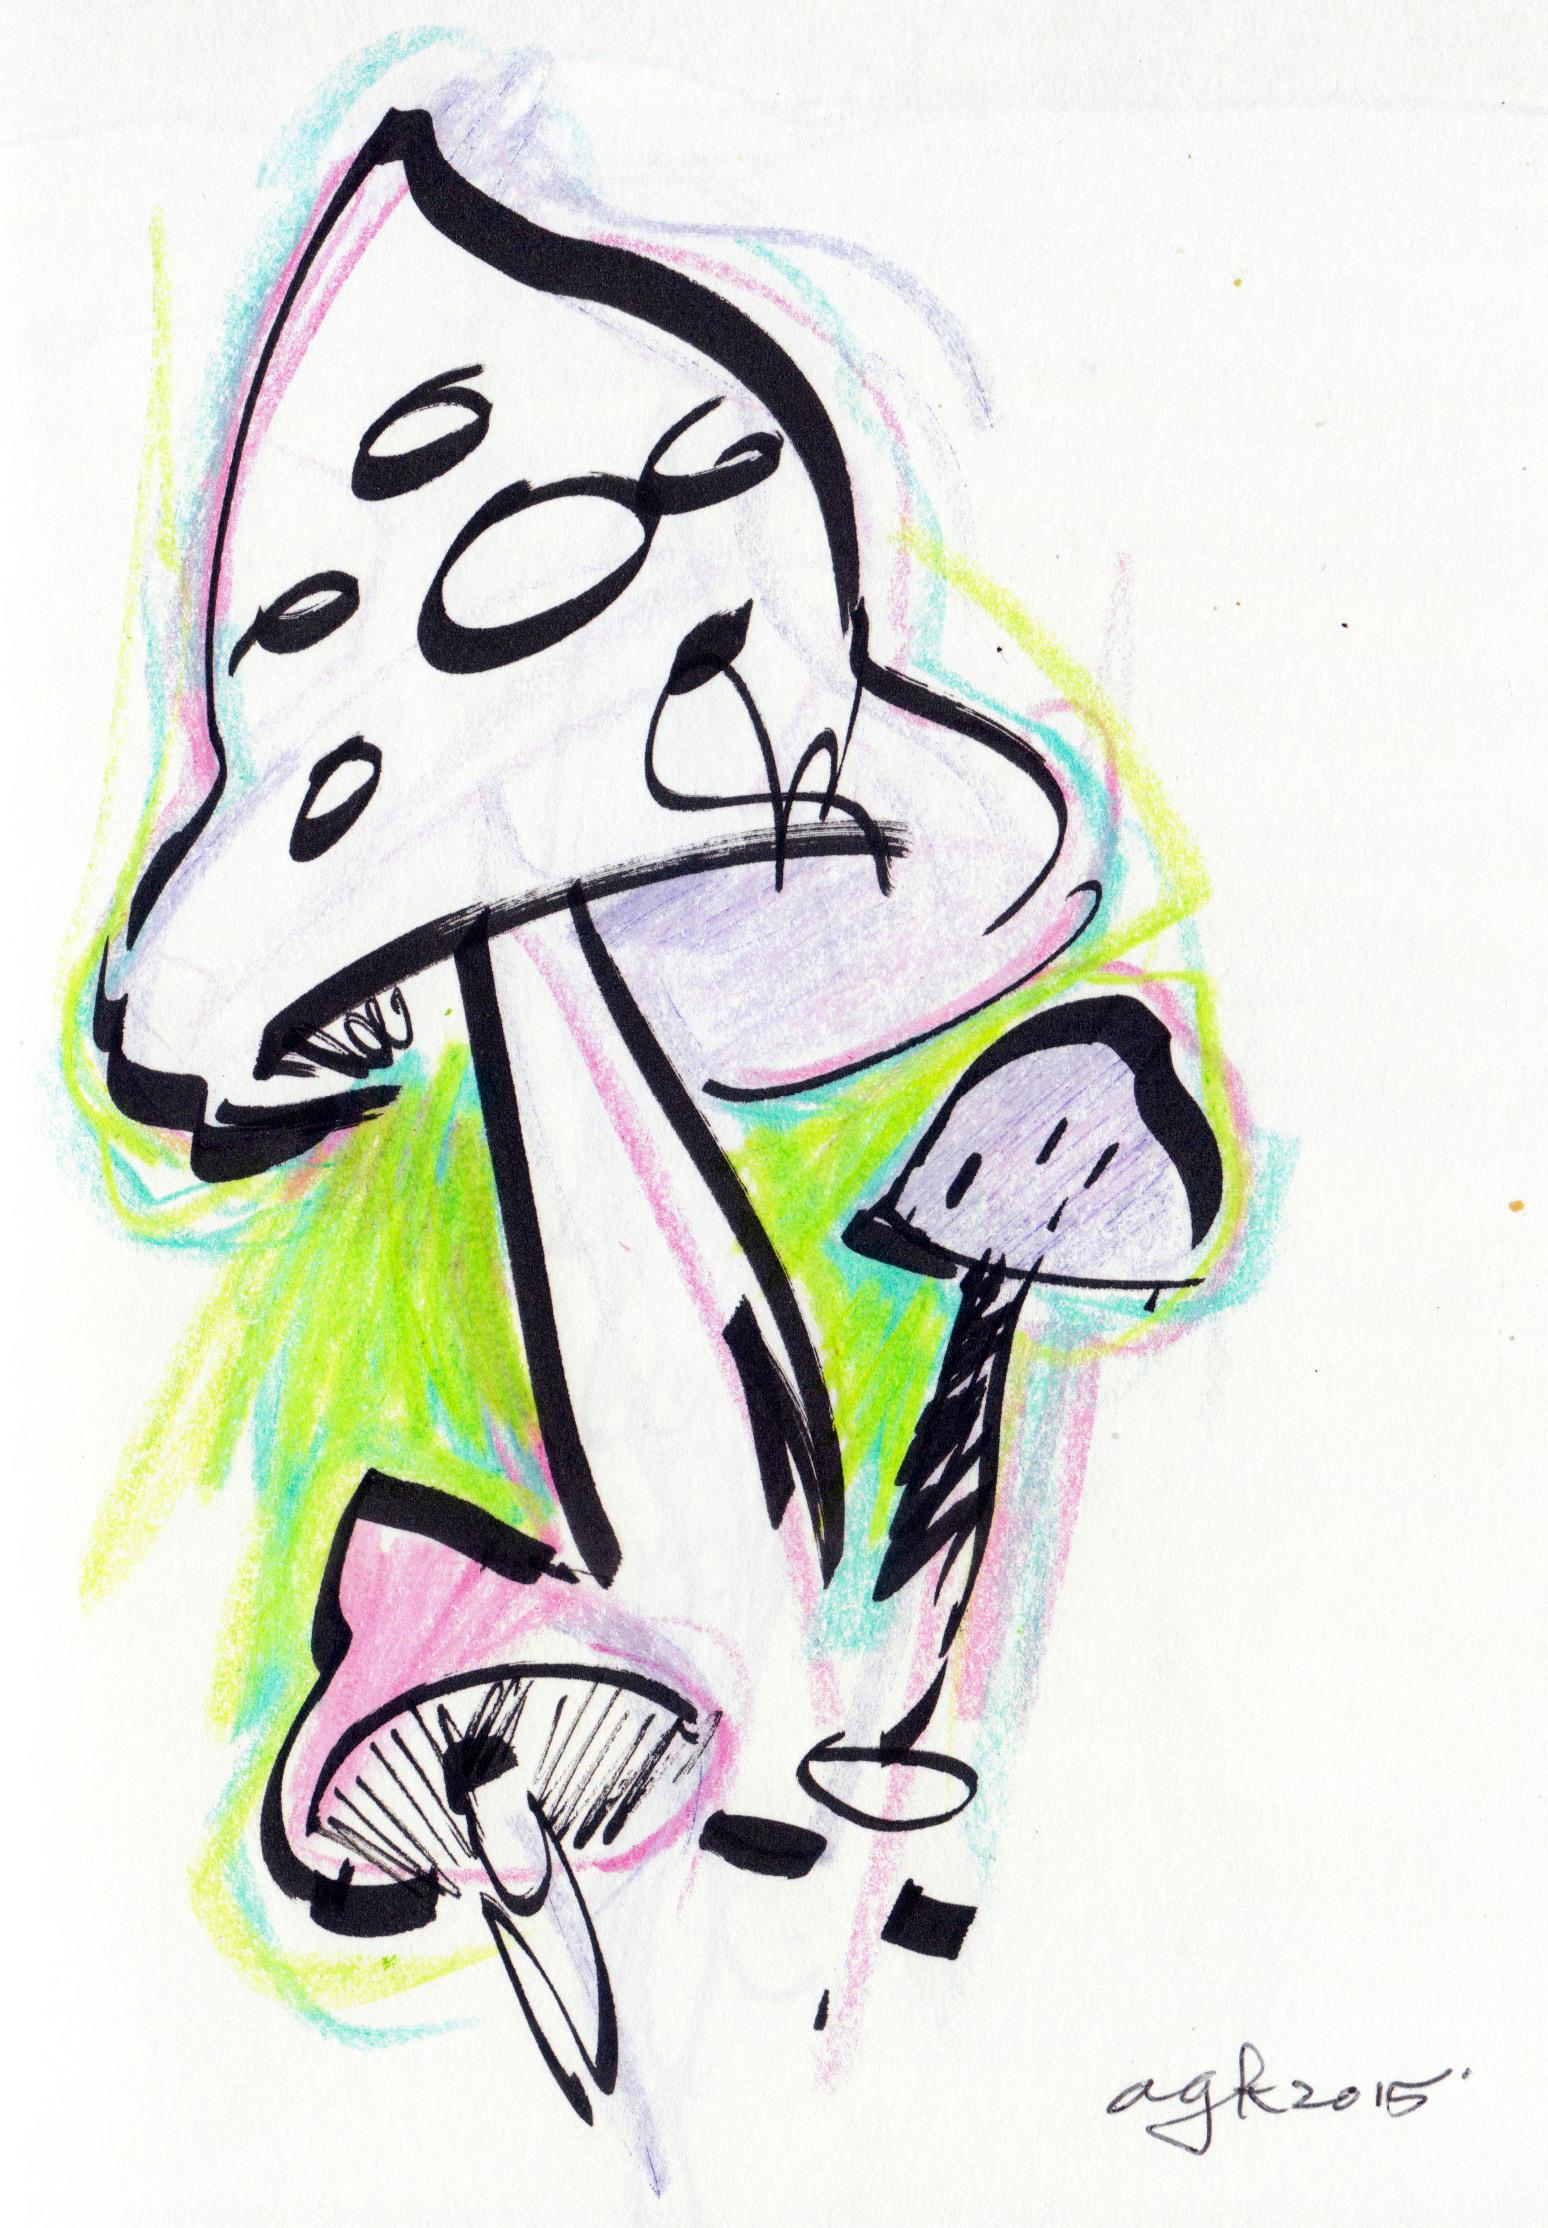 1548x2228 Shrooms Andrew G. Klein Illustrator + Artist